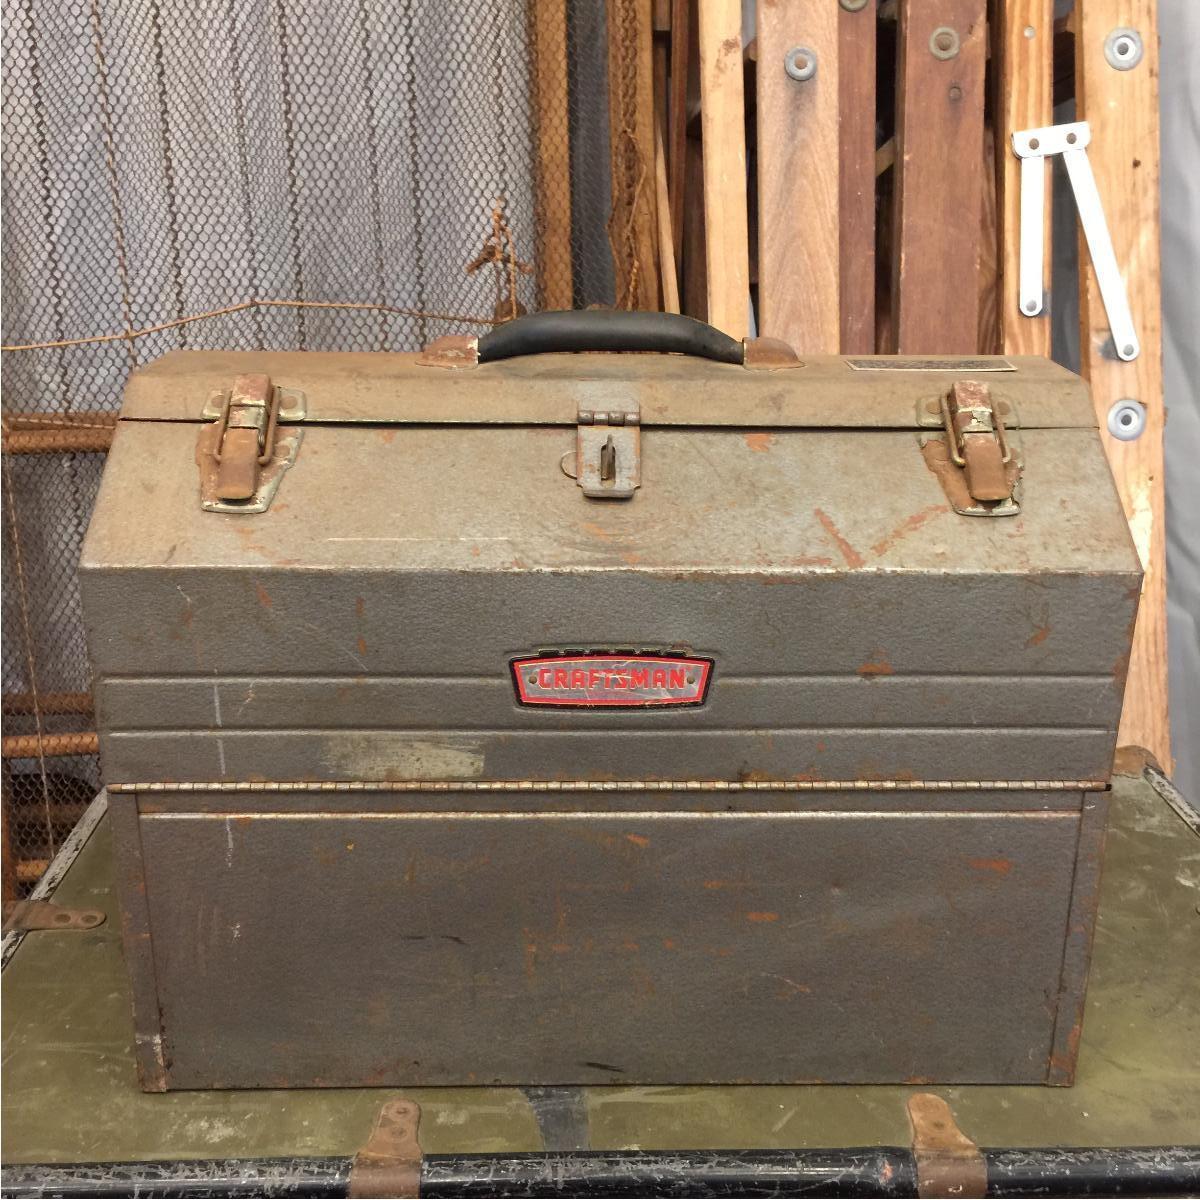 クラフツマン USA製 ツールボックス 工具箱 CRAFTSMAN ガーデニング/god0407 【中古】 【161201】【SS1801】